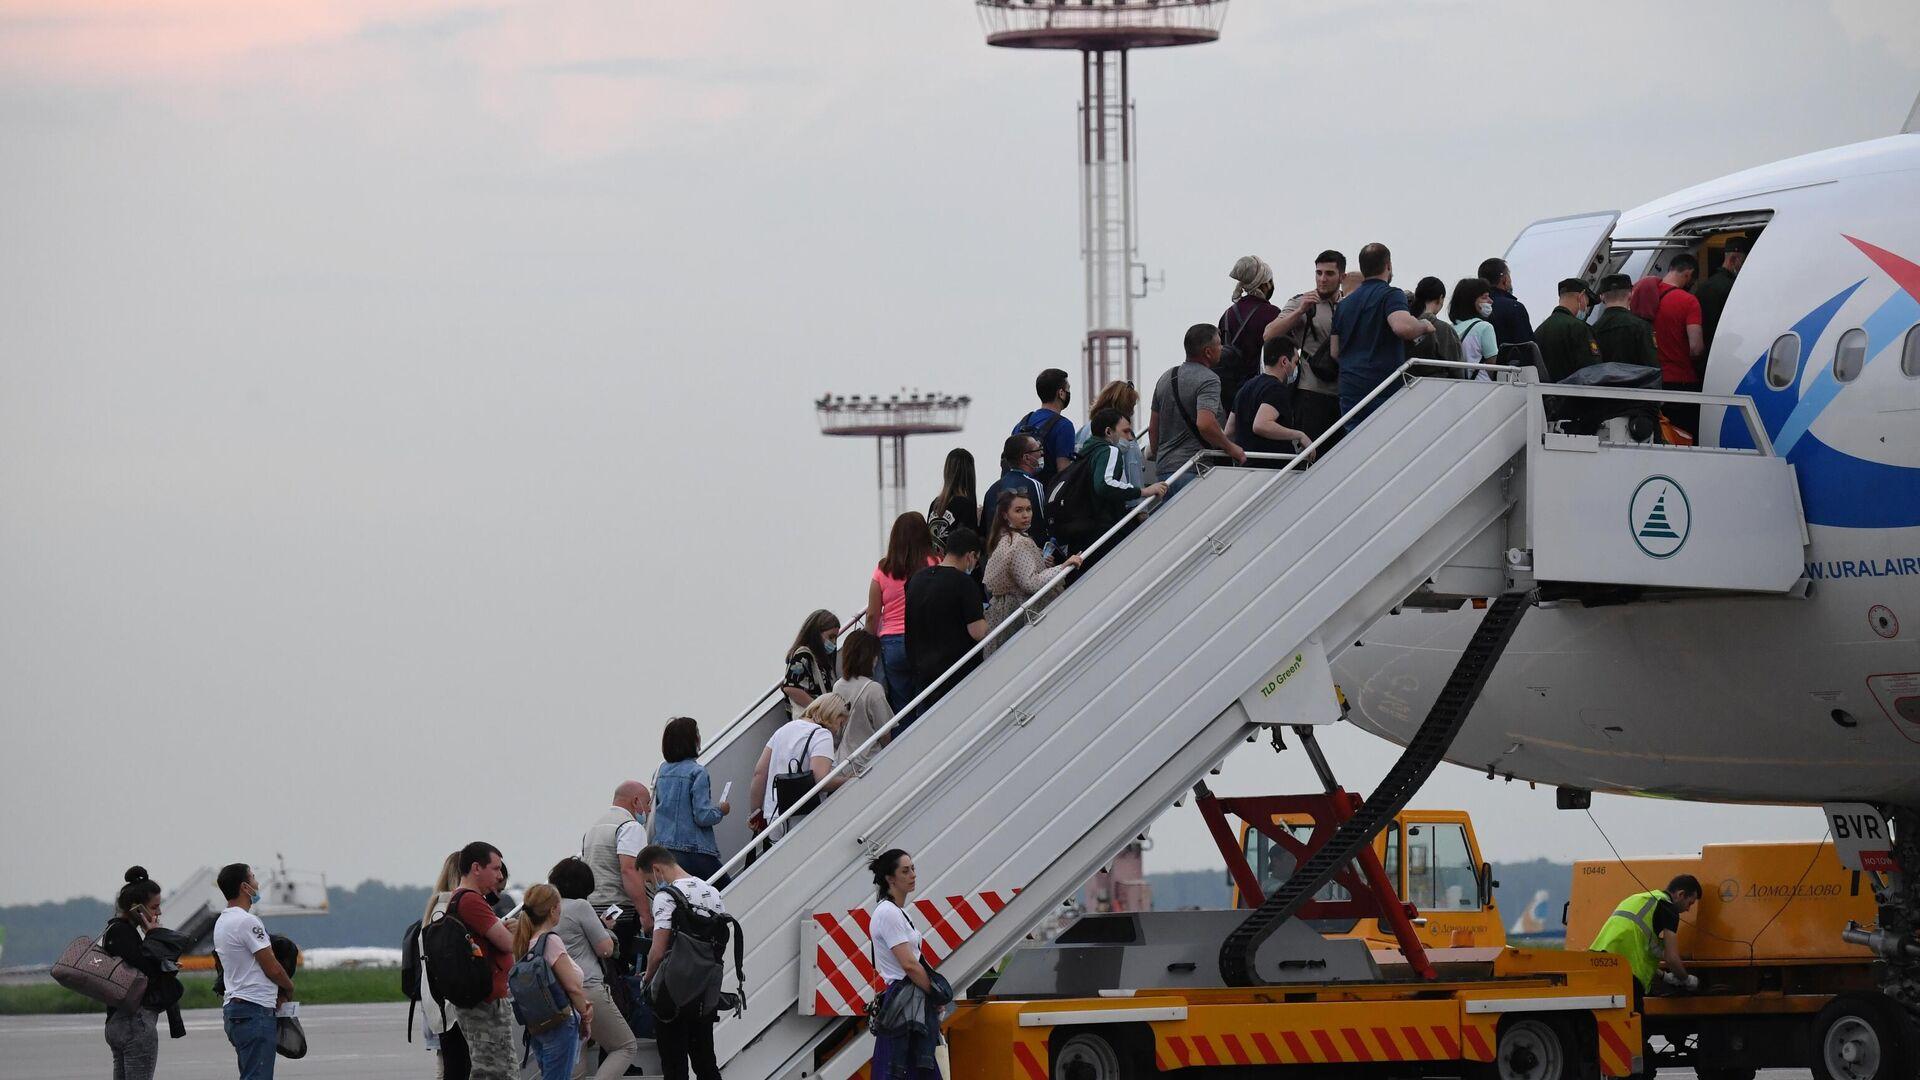 Пассажиры поднимаются на борт самолета на взлетно-посадочной полосе аэропорта Домодедово - РИА Новости, 1920, 10.09.2021